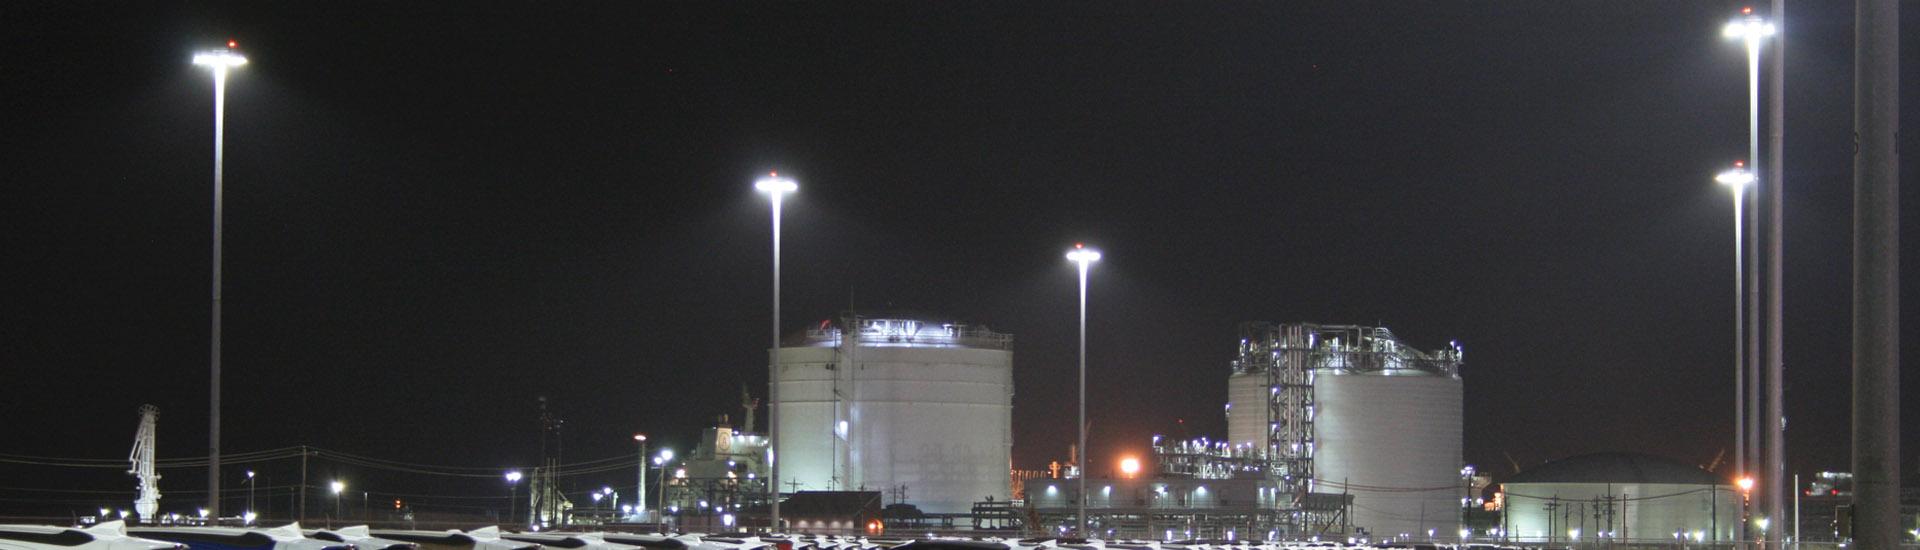 Port of Freeport Header Image